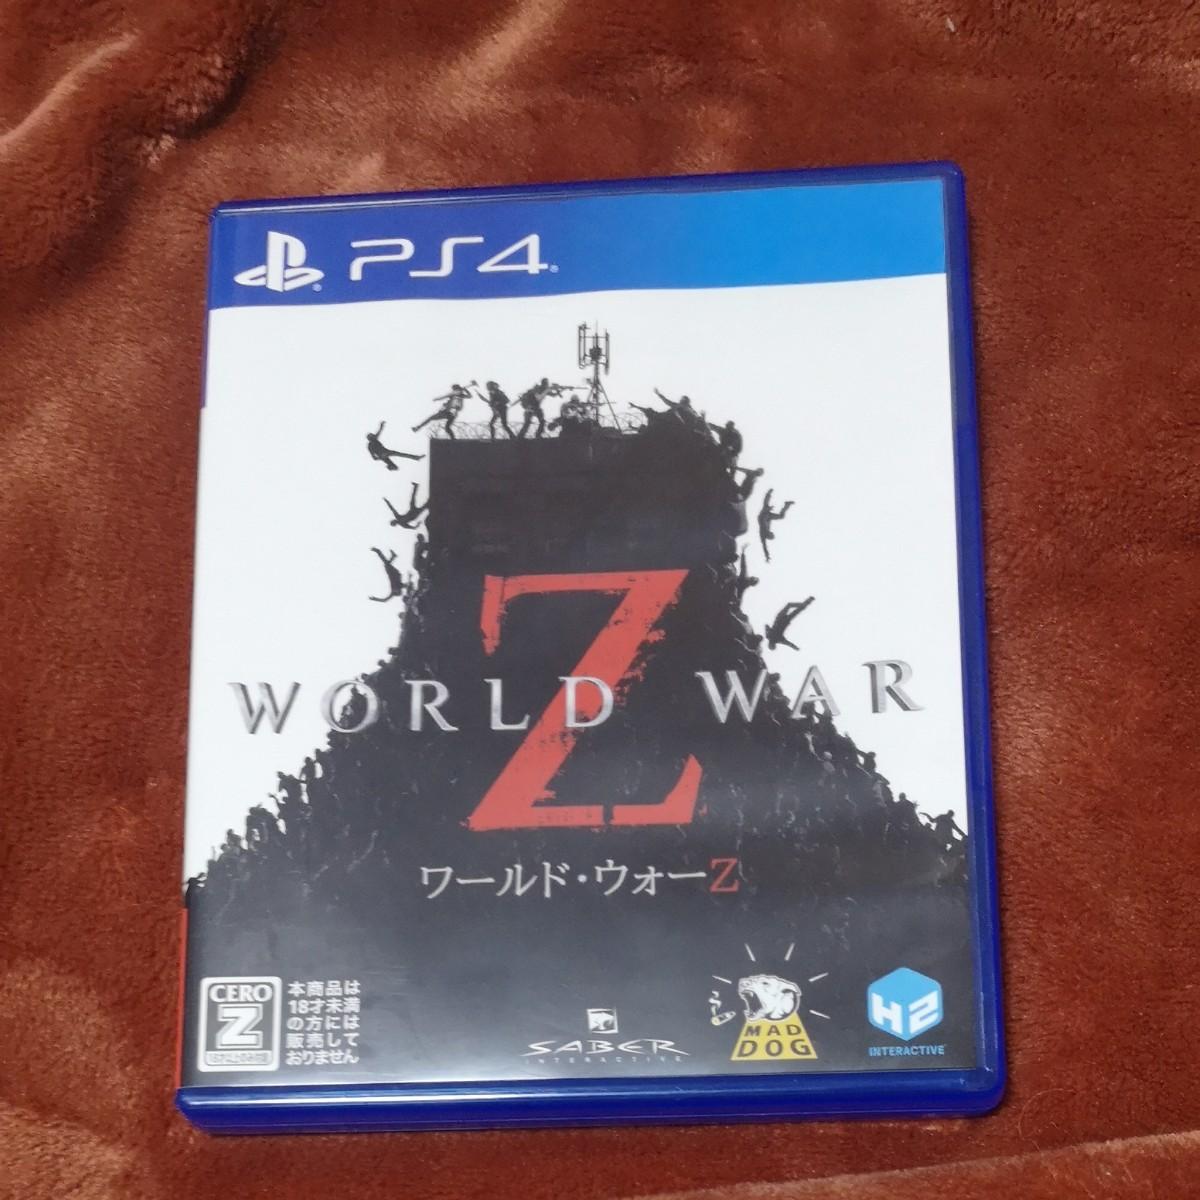 【PS4】 WORLD WAR Z  ワールド ウォー  PS4ソフト